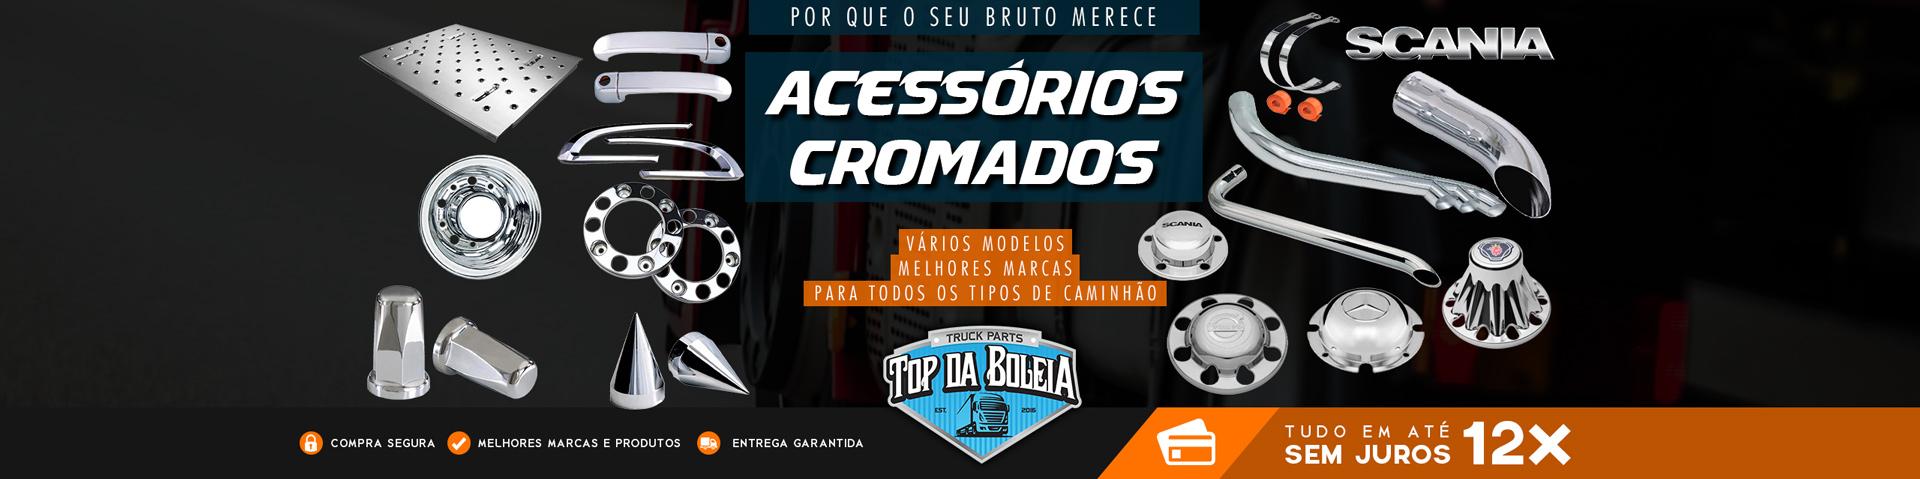 Cromados2